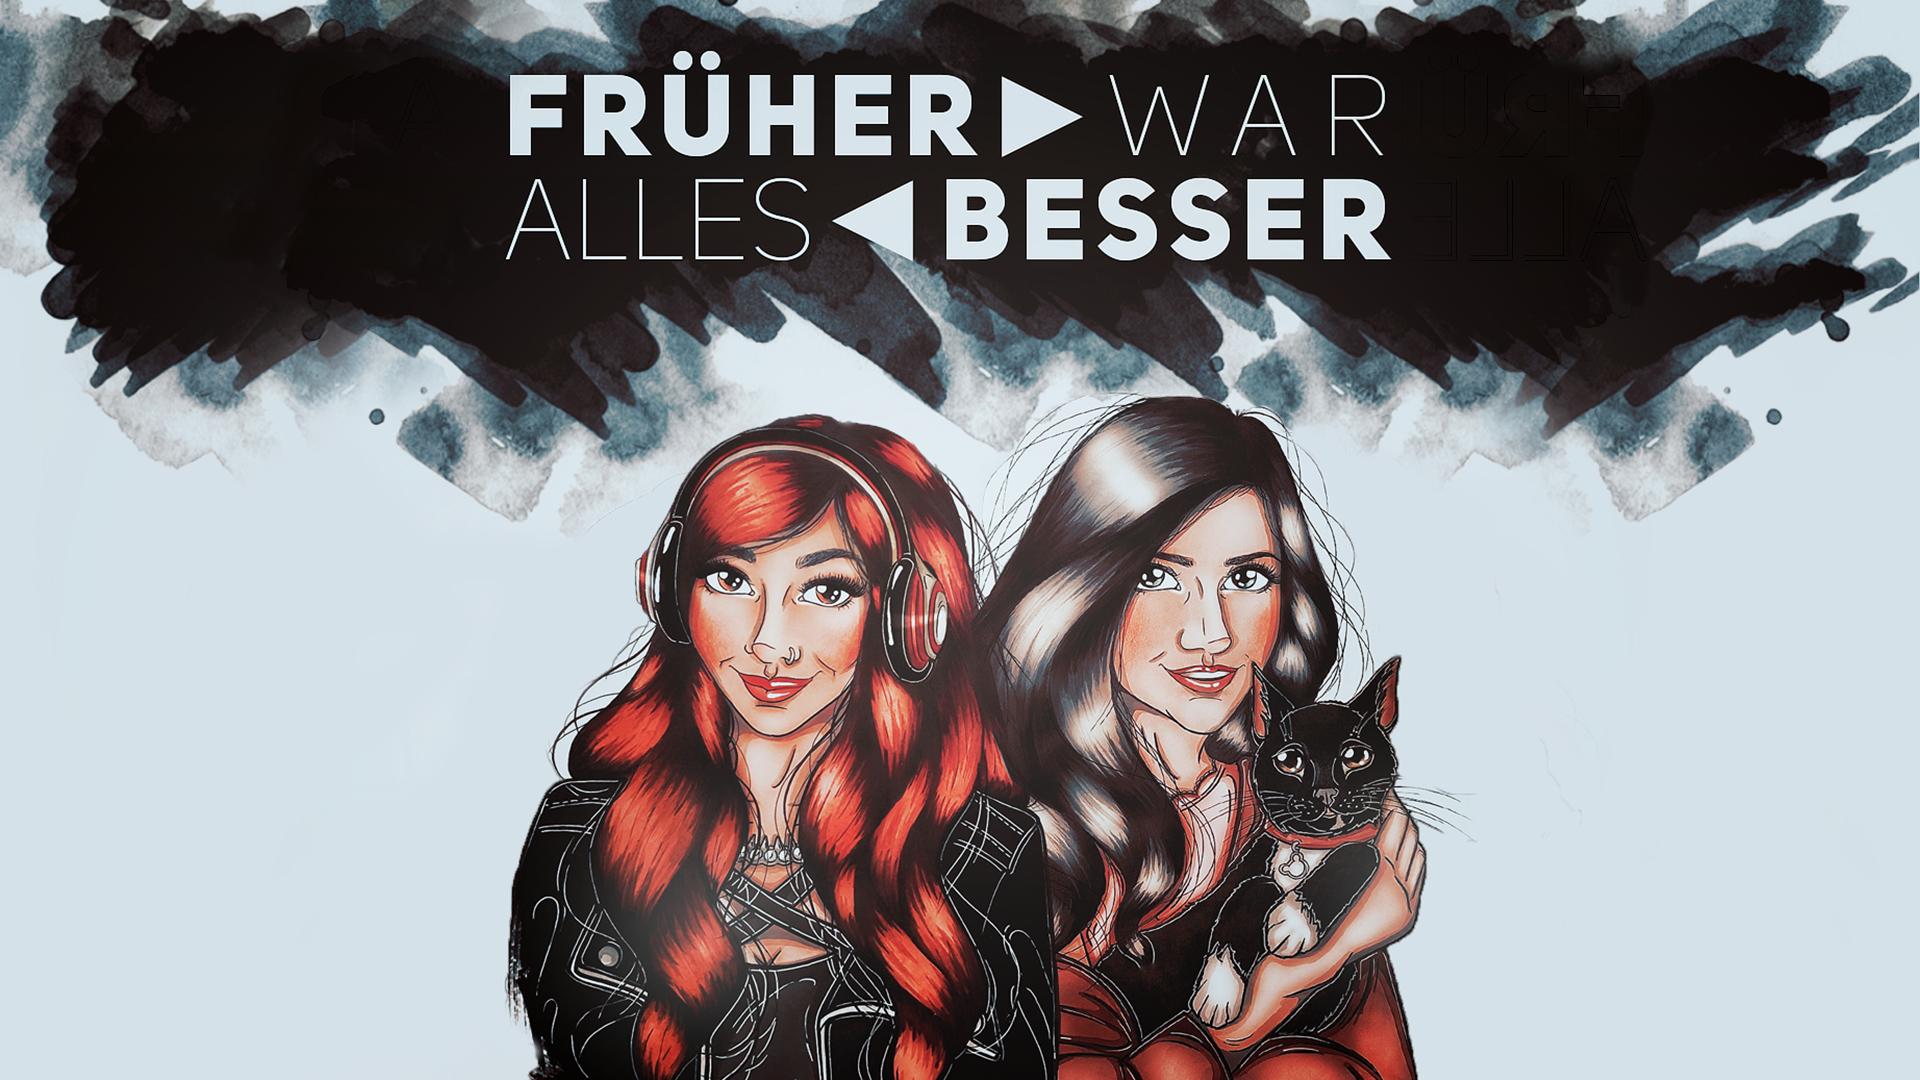 Früher war alles besser - Der Podcast von Zissapino und Shadowscraving auf wilderminds.de